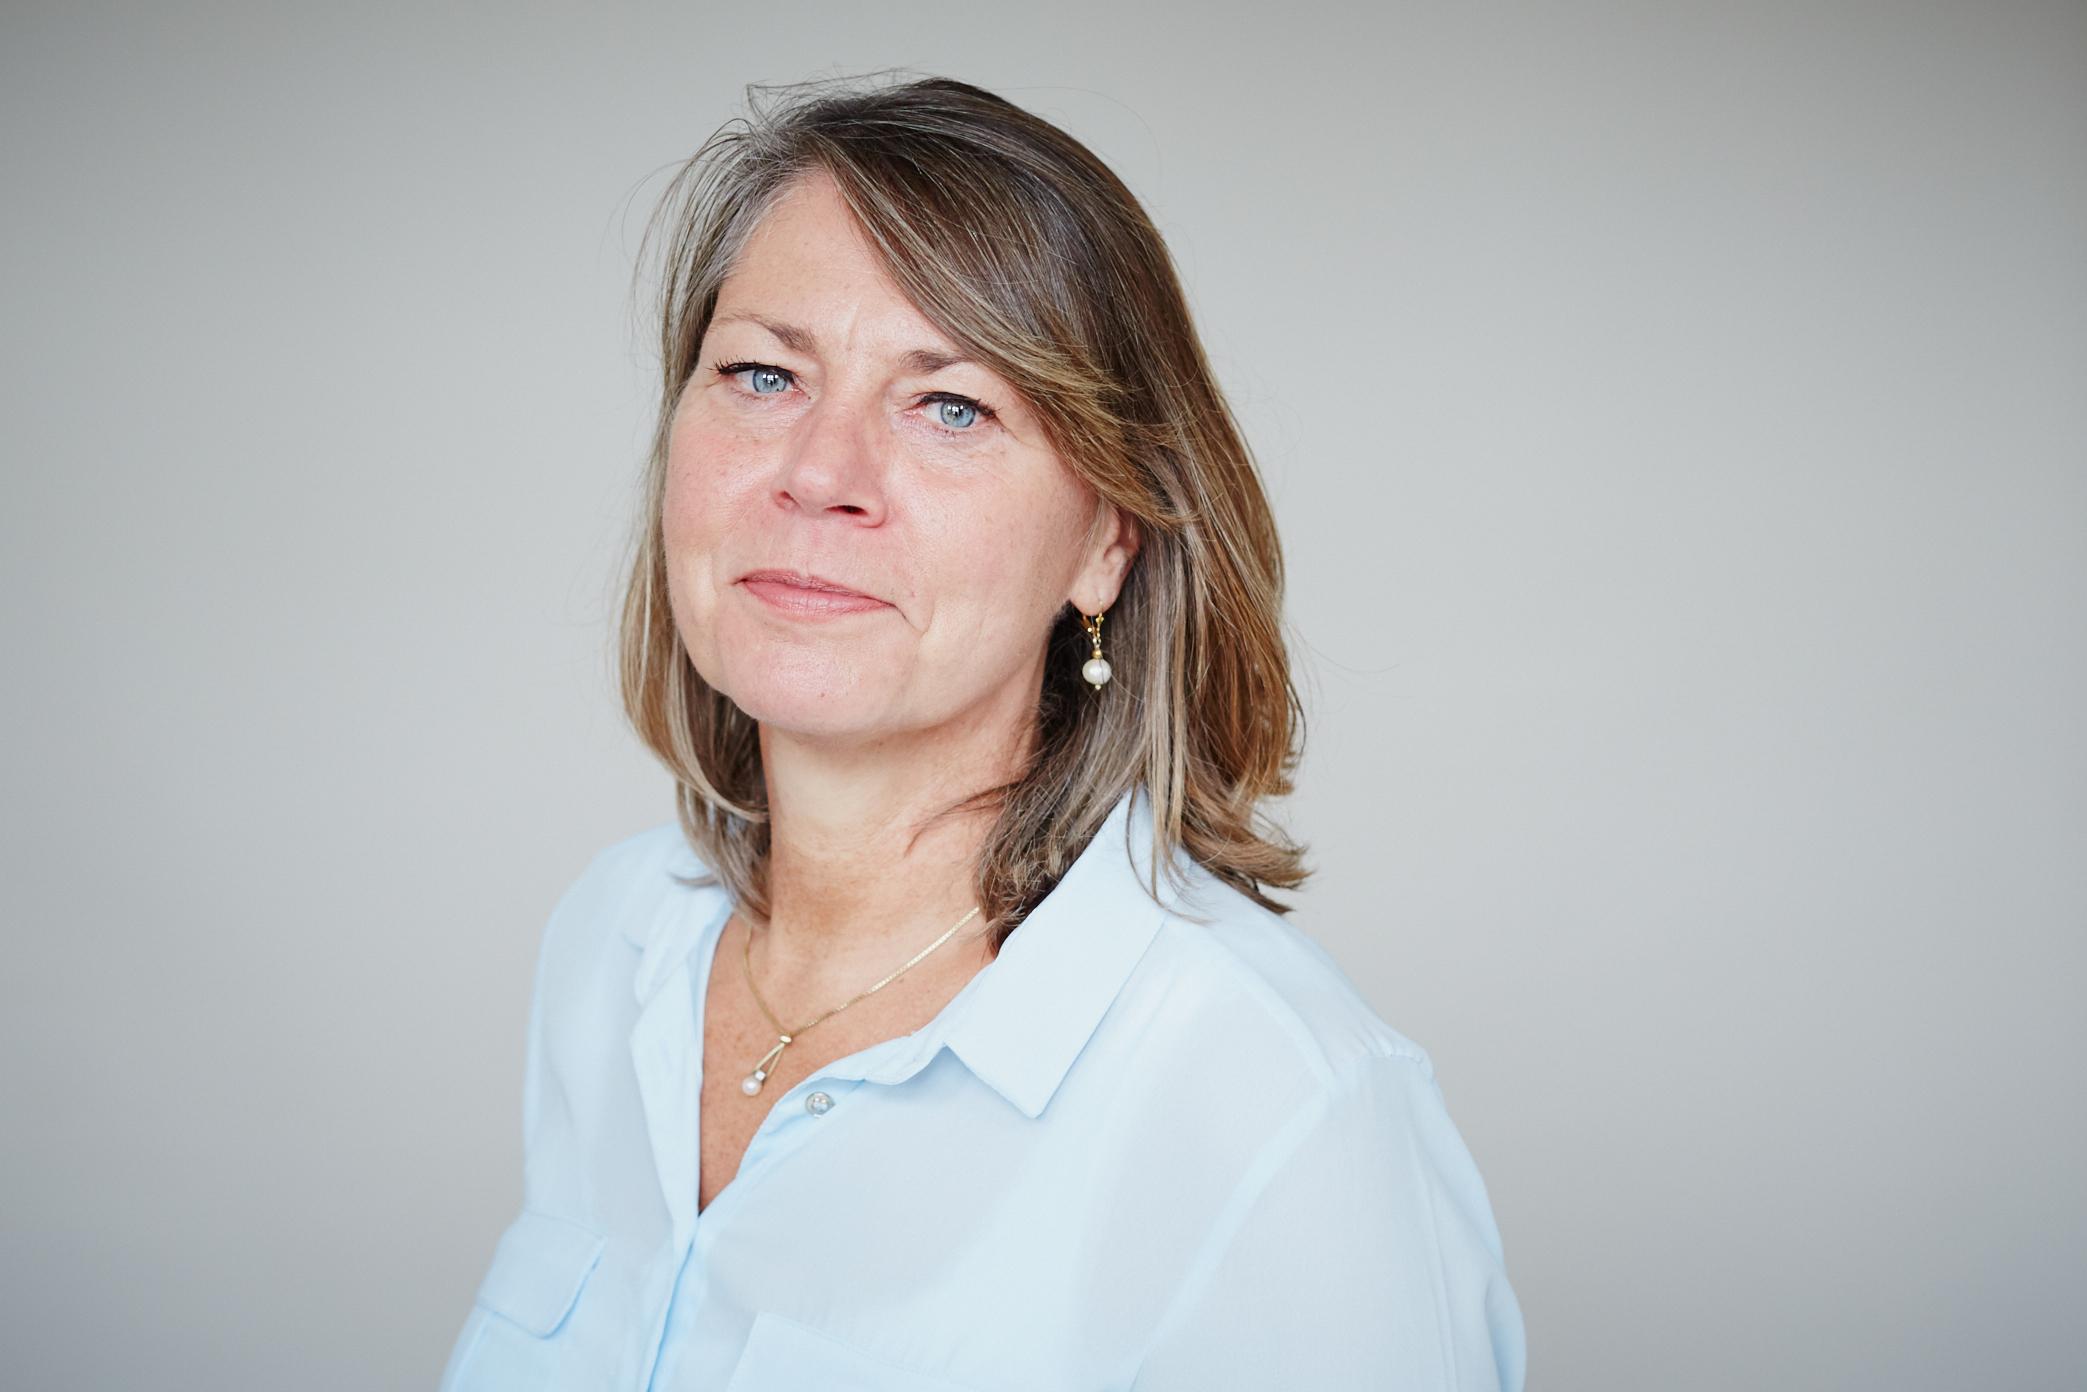 Sabine Broll